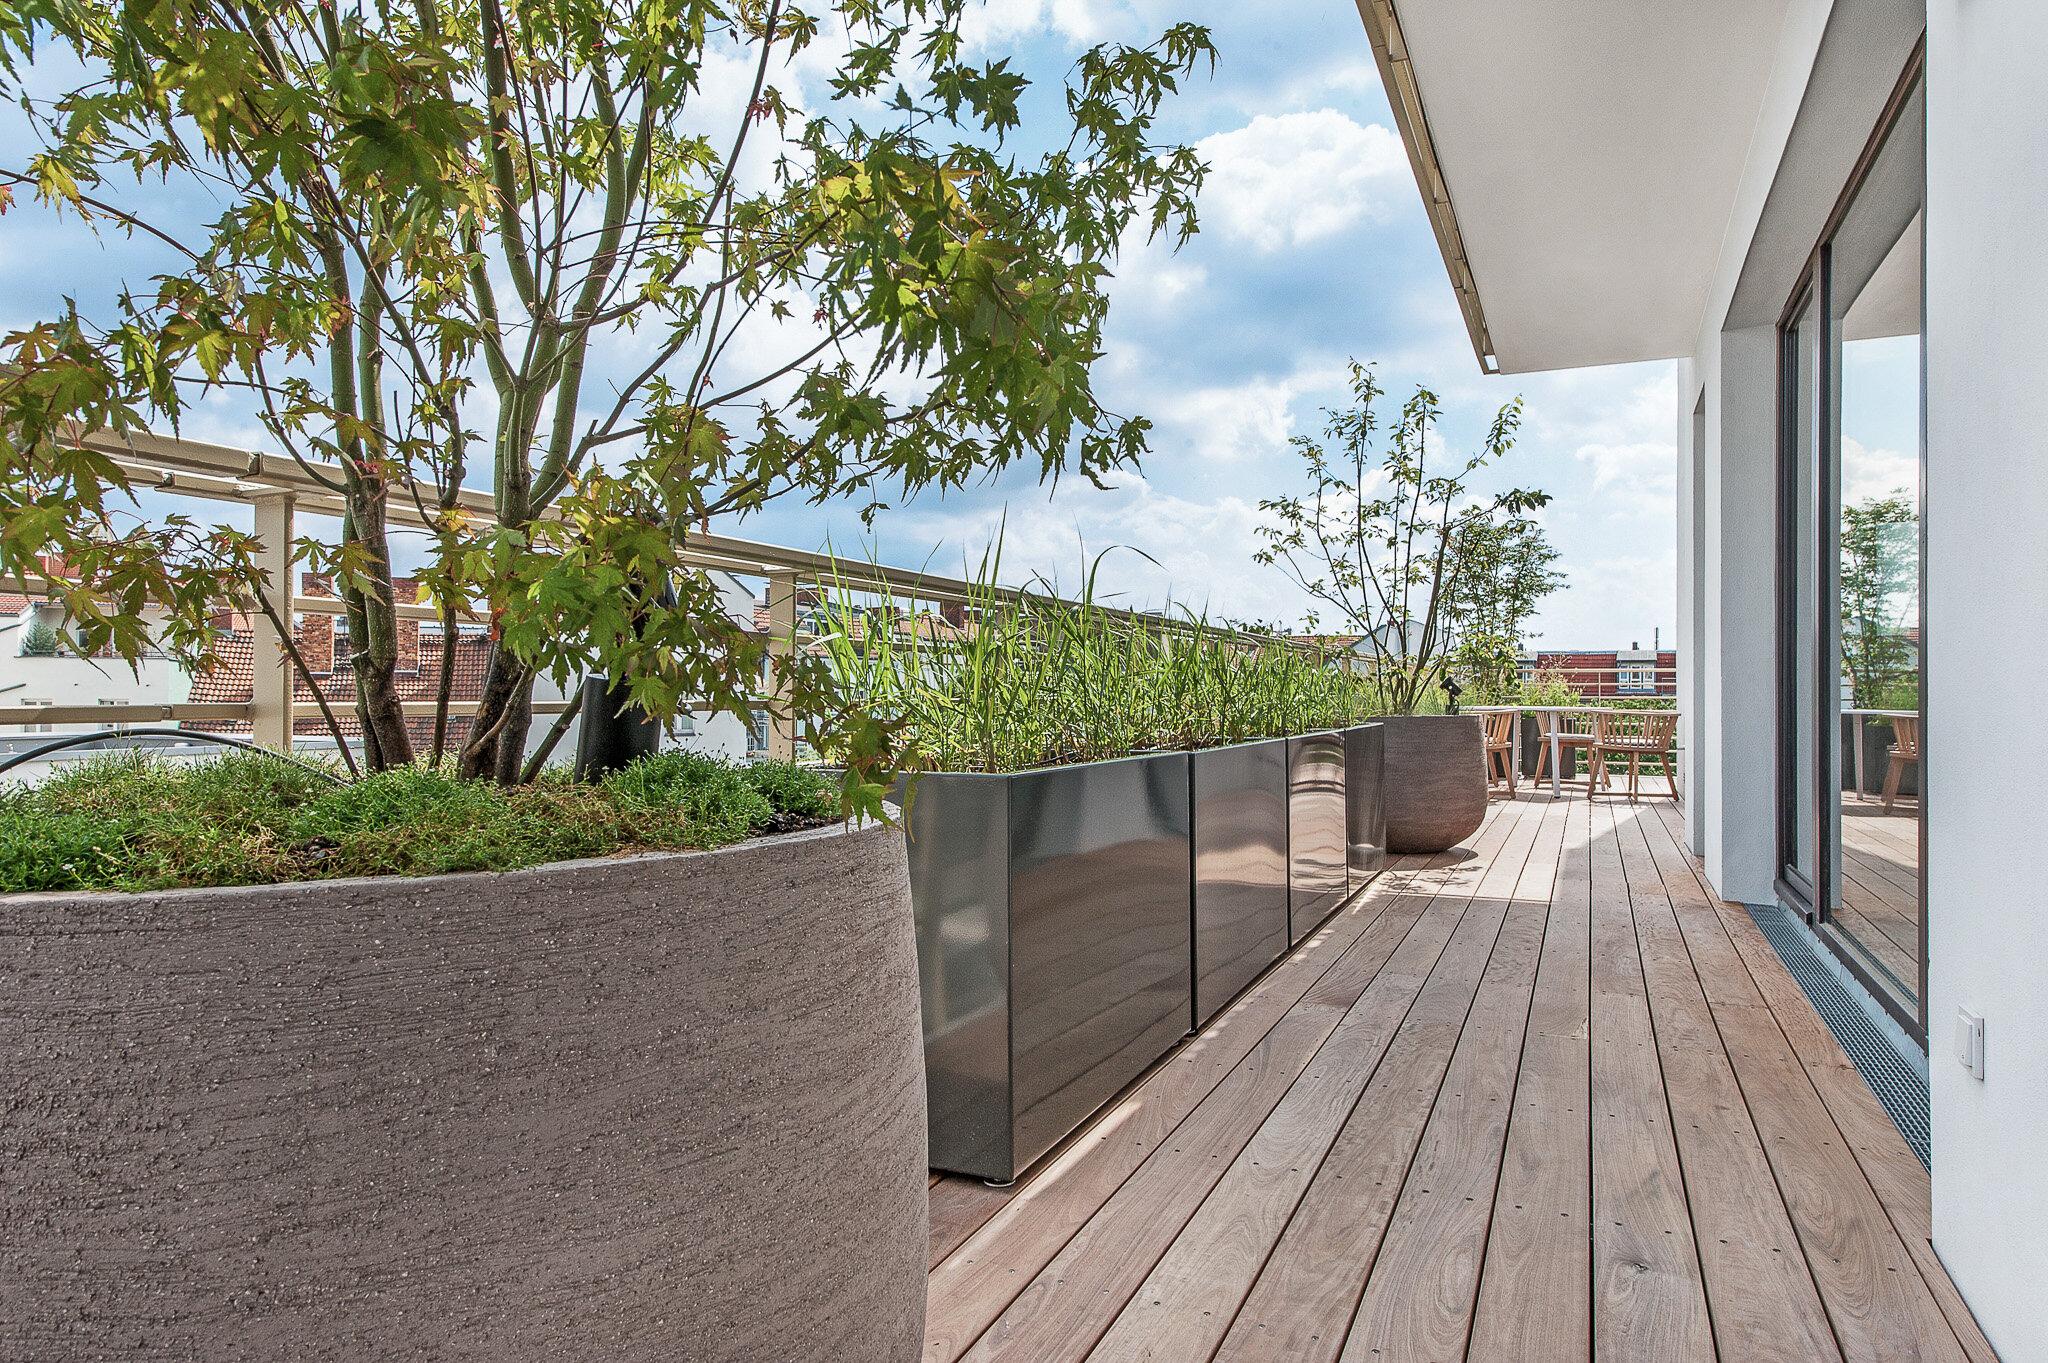 Pflanzen in Kübeln auf dem Balkon eines Luxusapartments in Berlin